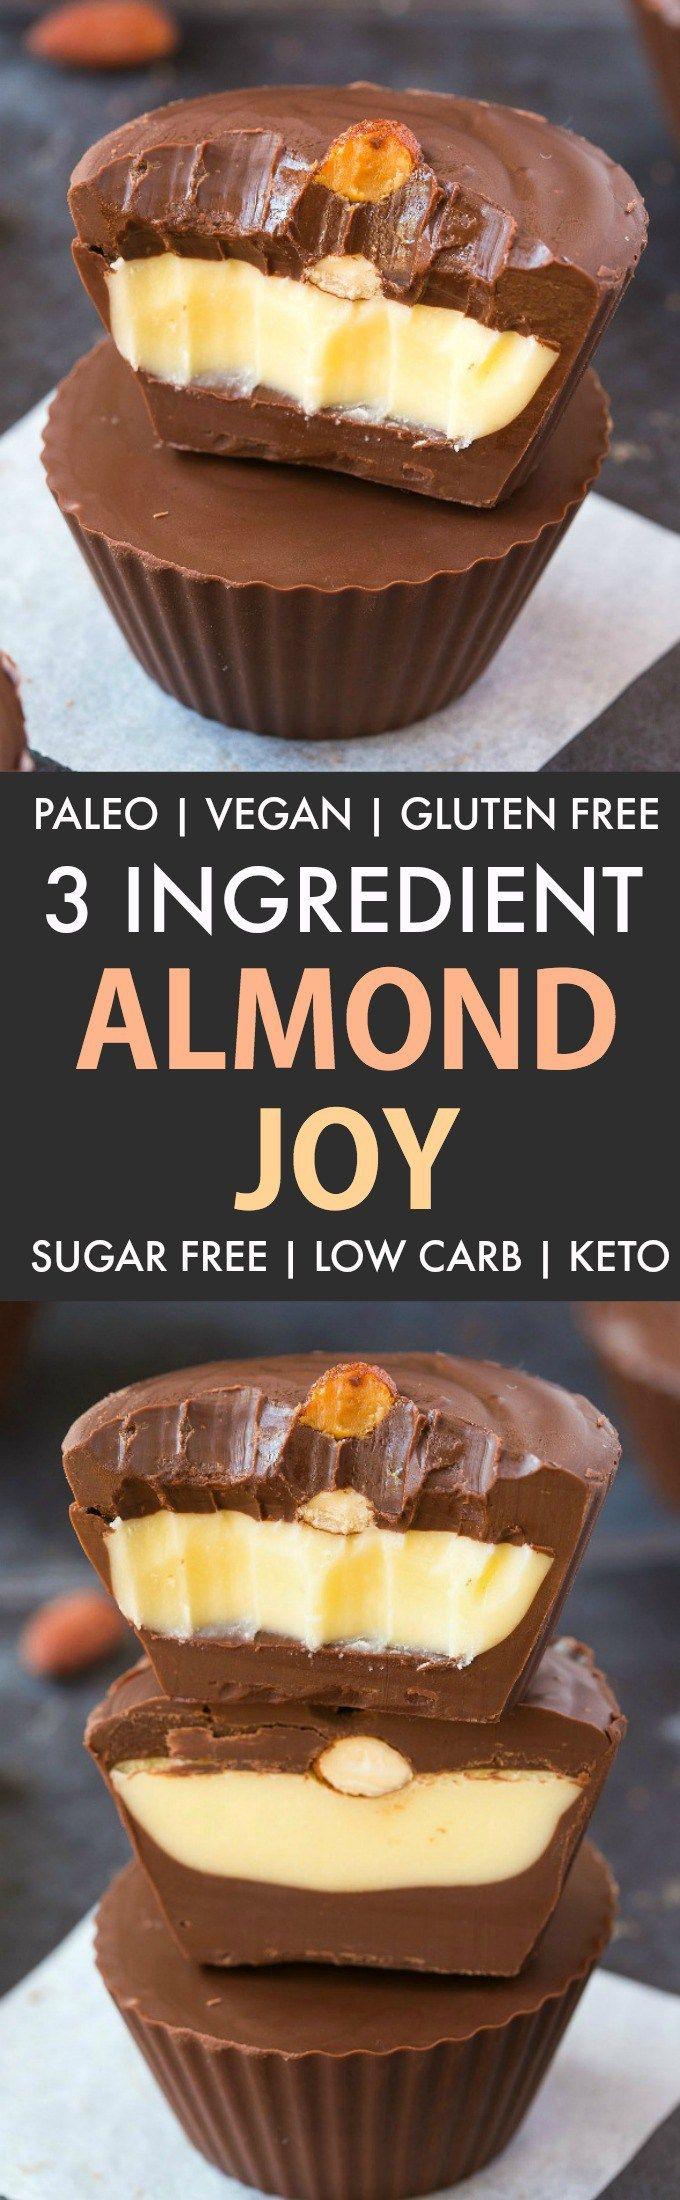 3 ingrediente de almendra casera de alegría (Paleo, Vegan, sin azúcar) - un fácil, casera de tres ingrediente almendra saludable copia copia receta que es baja en carbohidratos, lácteos libres y sin gluten. ¡Coco, chocolate y almendras combinados! {v, gf, p recetas} - thebigmansworld.com #almondjoy #keto